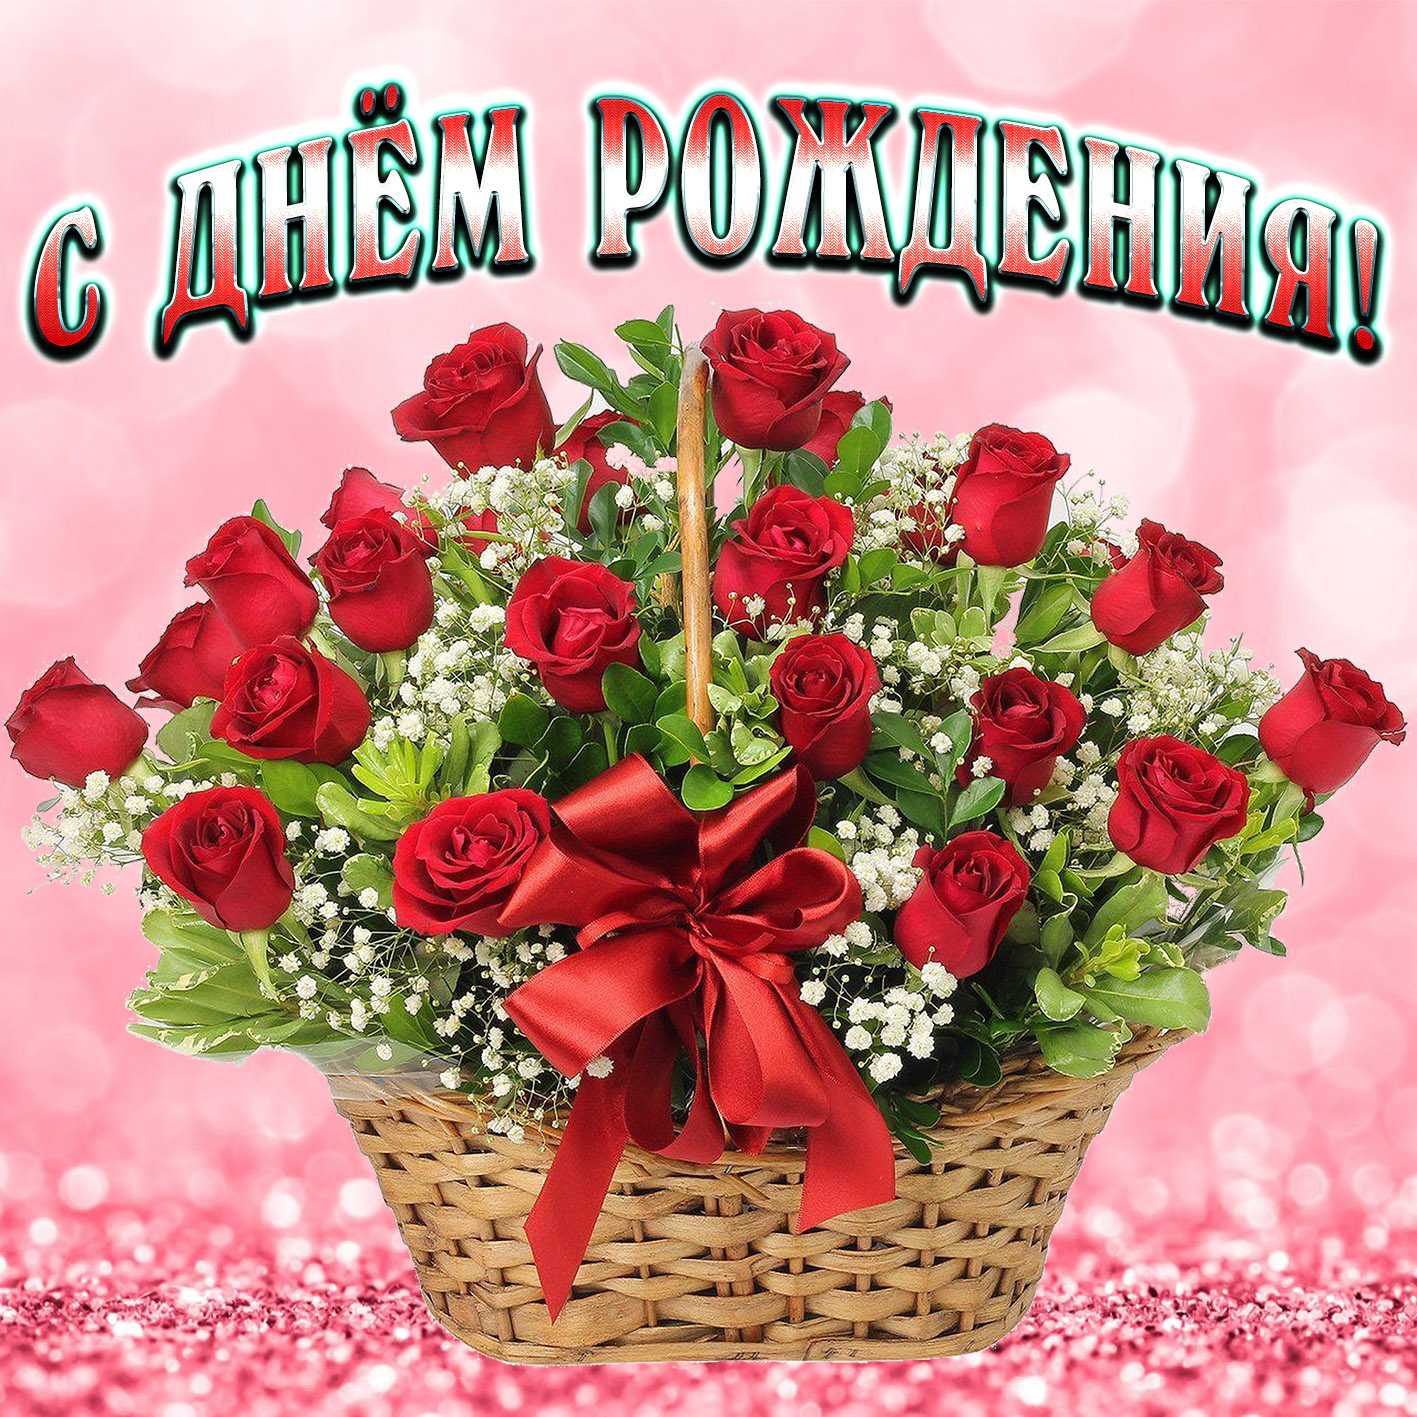 Женщине. Картинка с корзиной роз женщине. С Днём рождения!